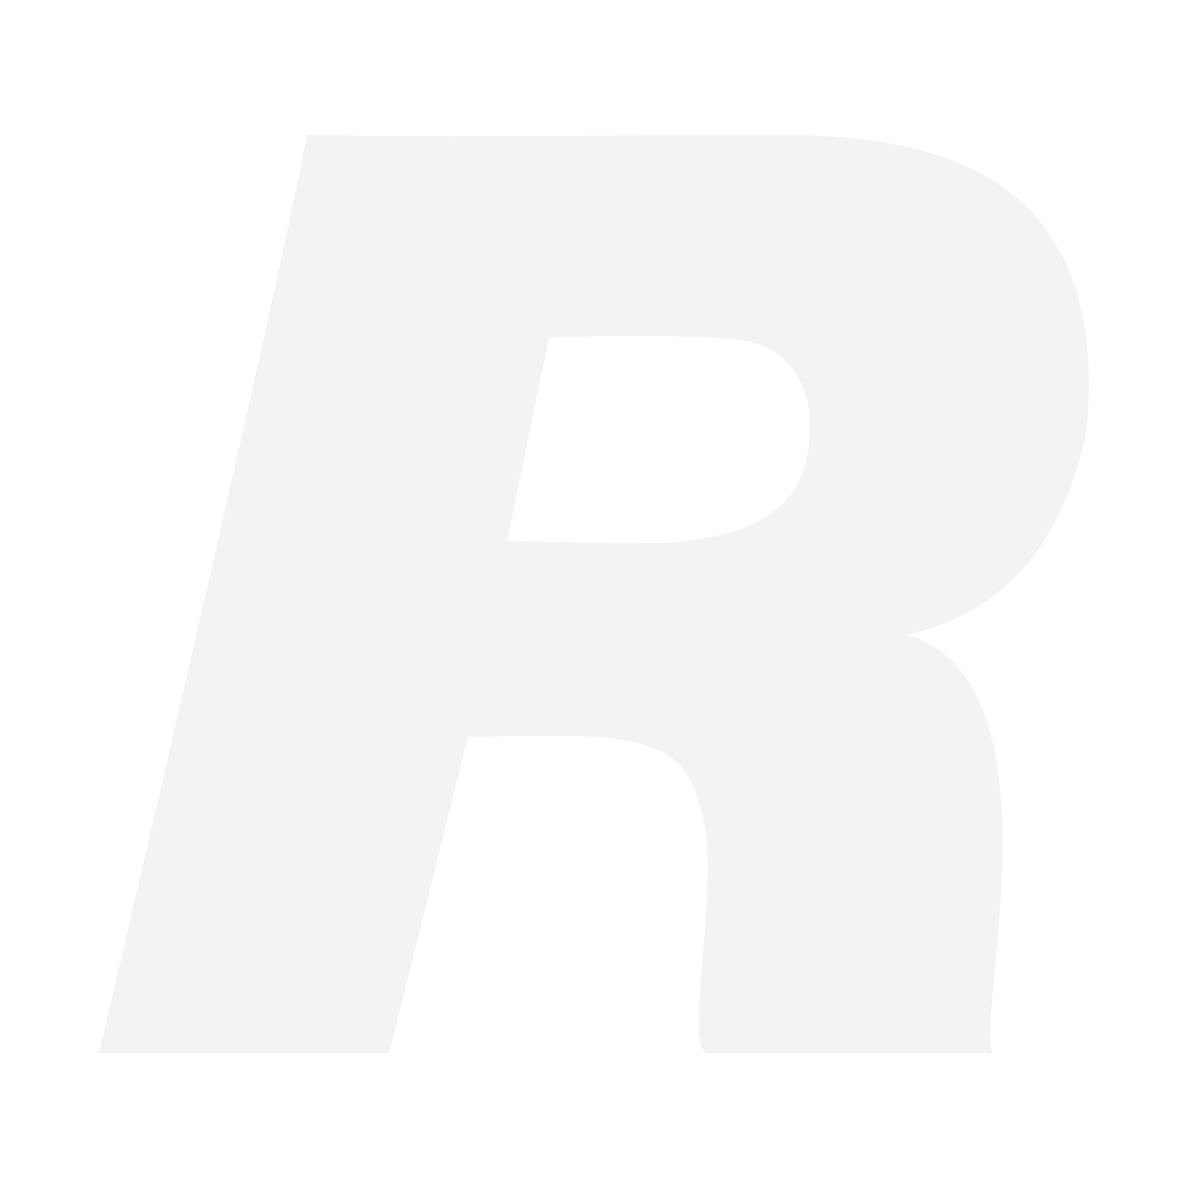 Sony A7R Mark III + Sigma 35/1.4 Art DG HSM